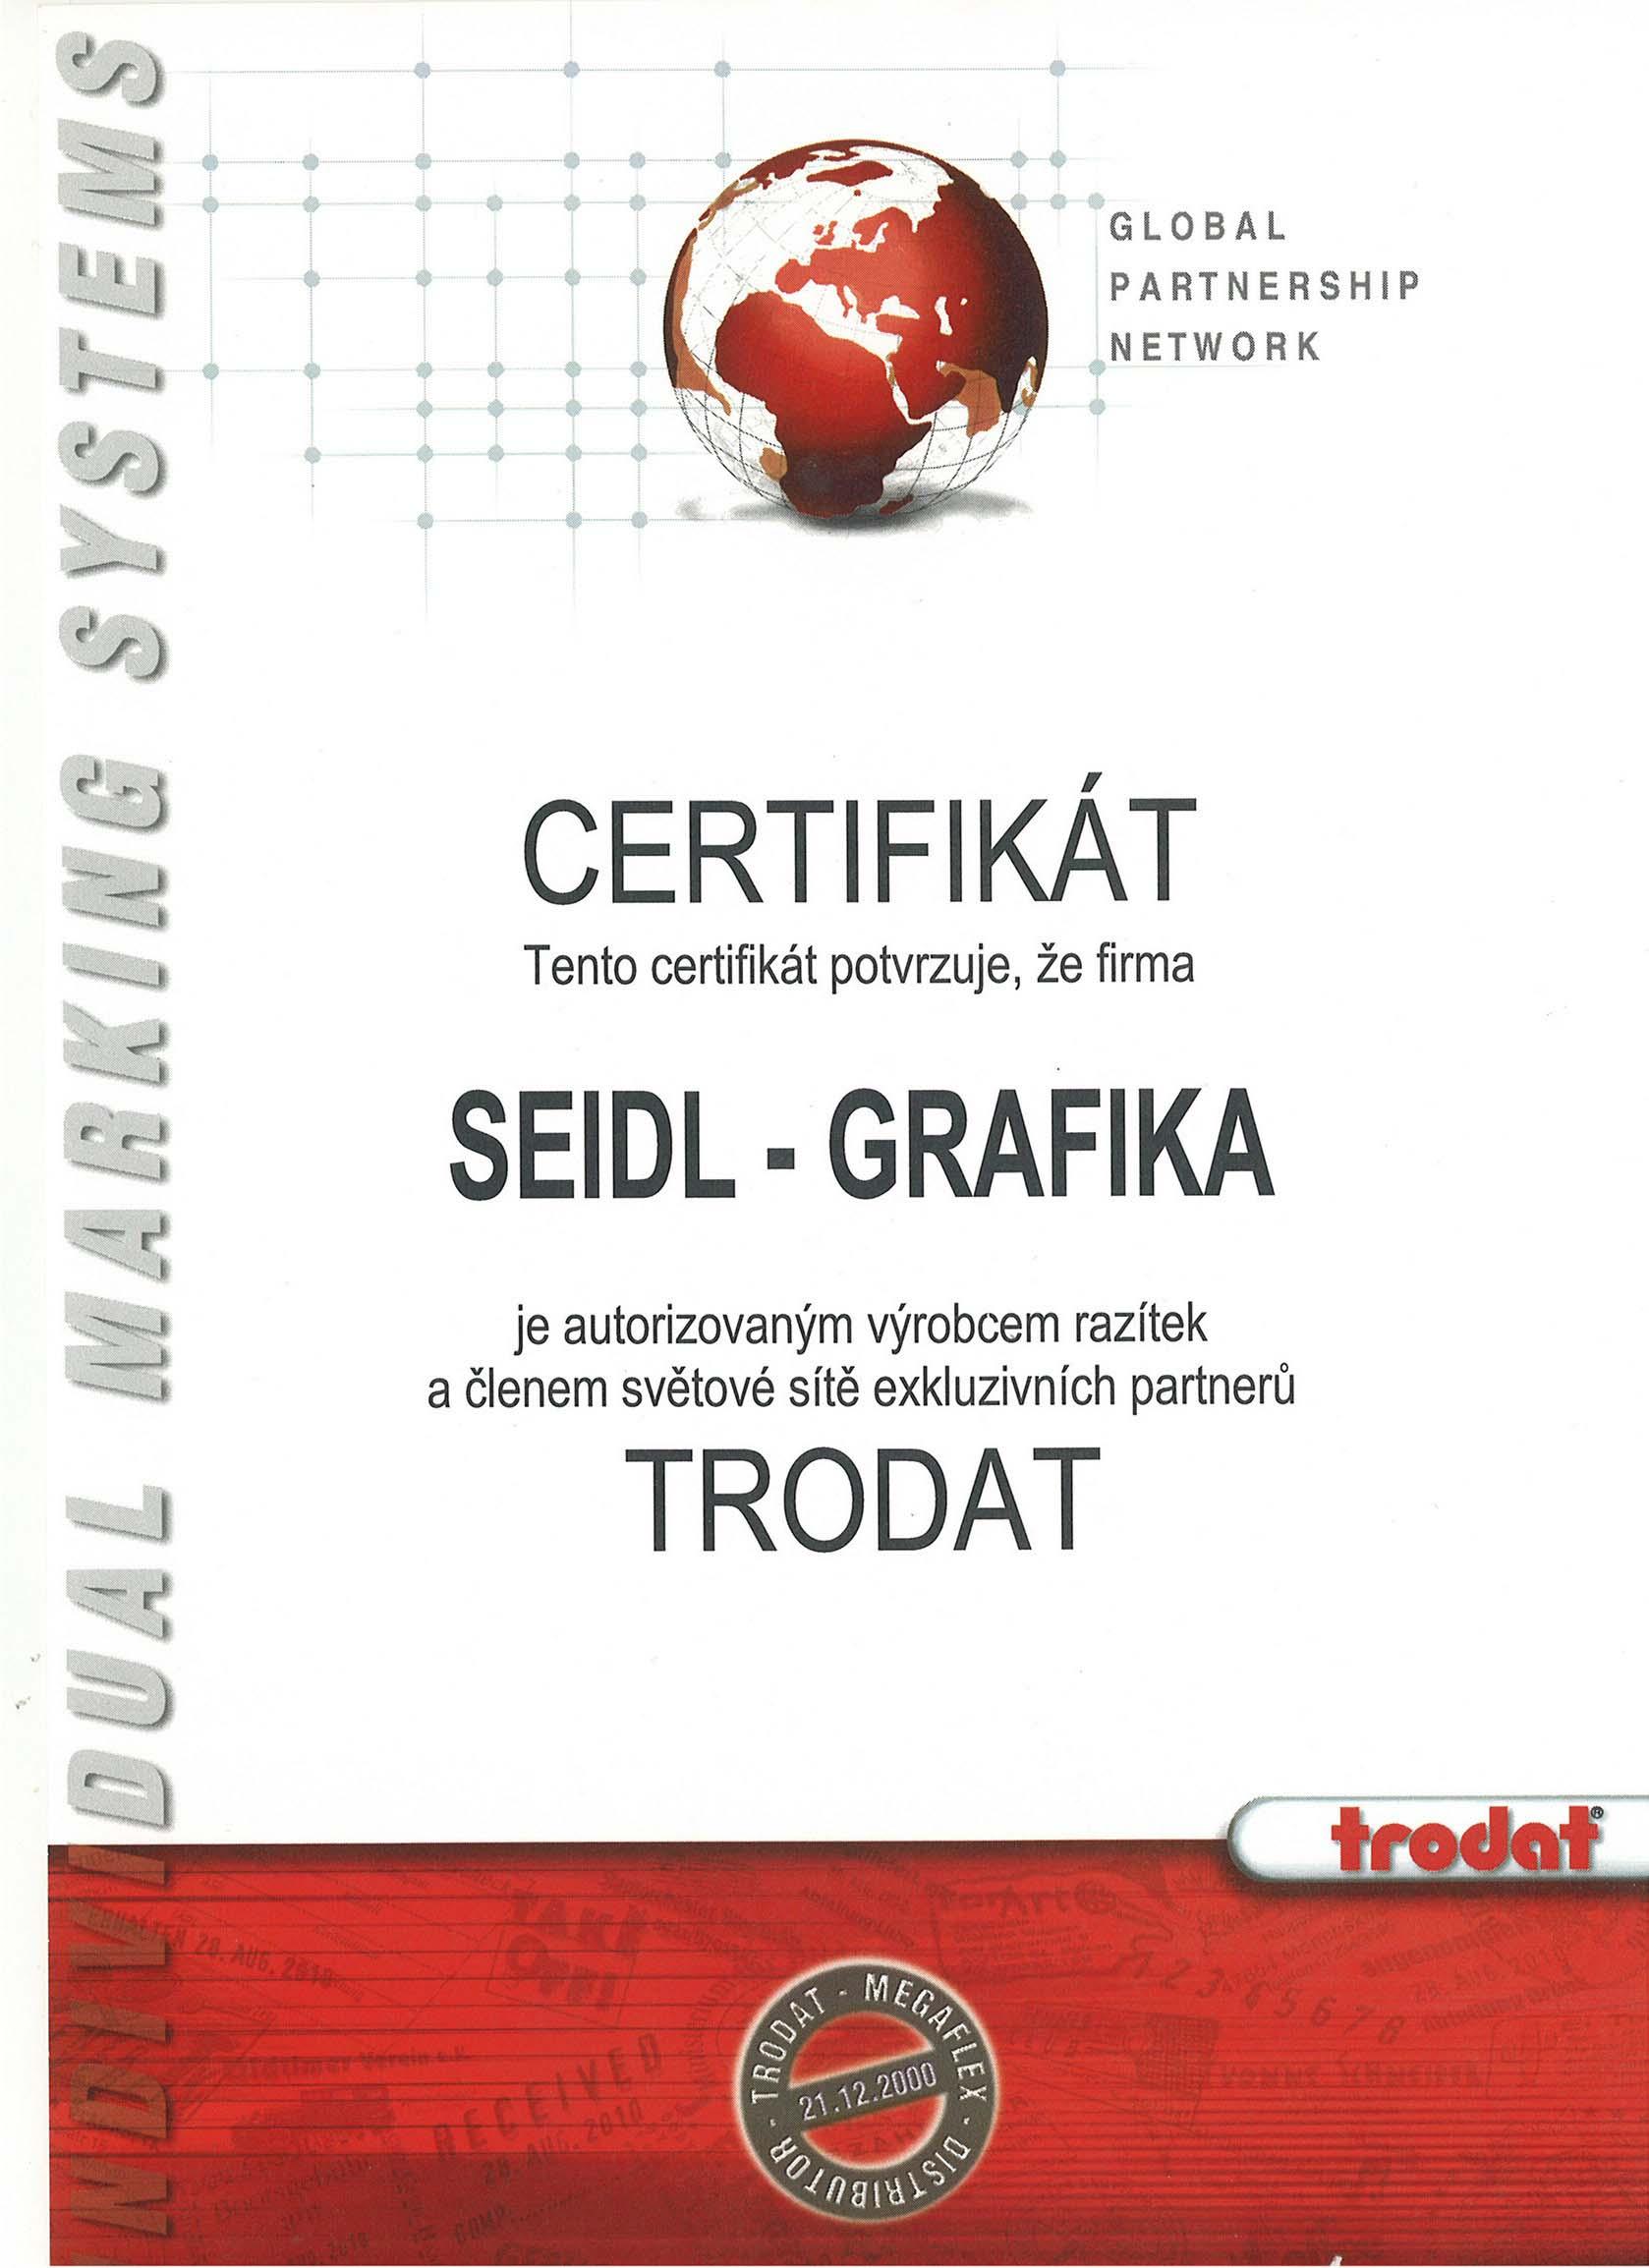 Certifikát Trodat